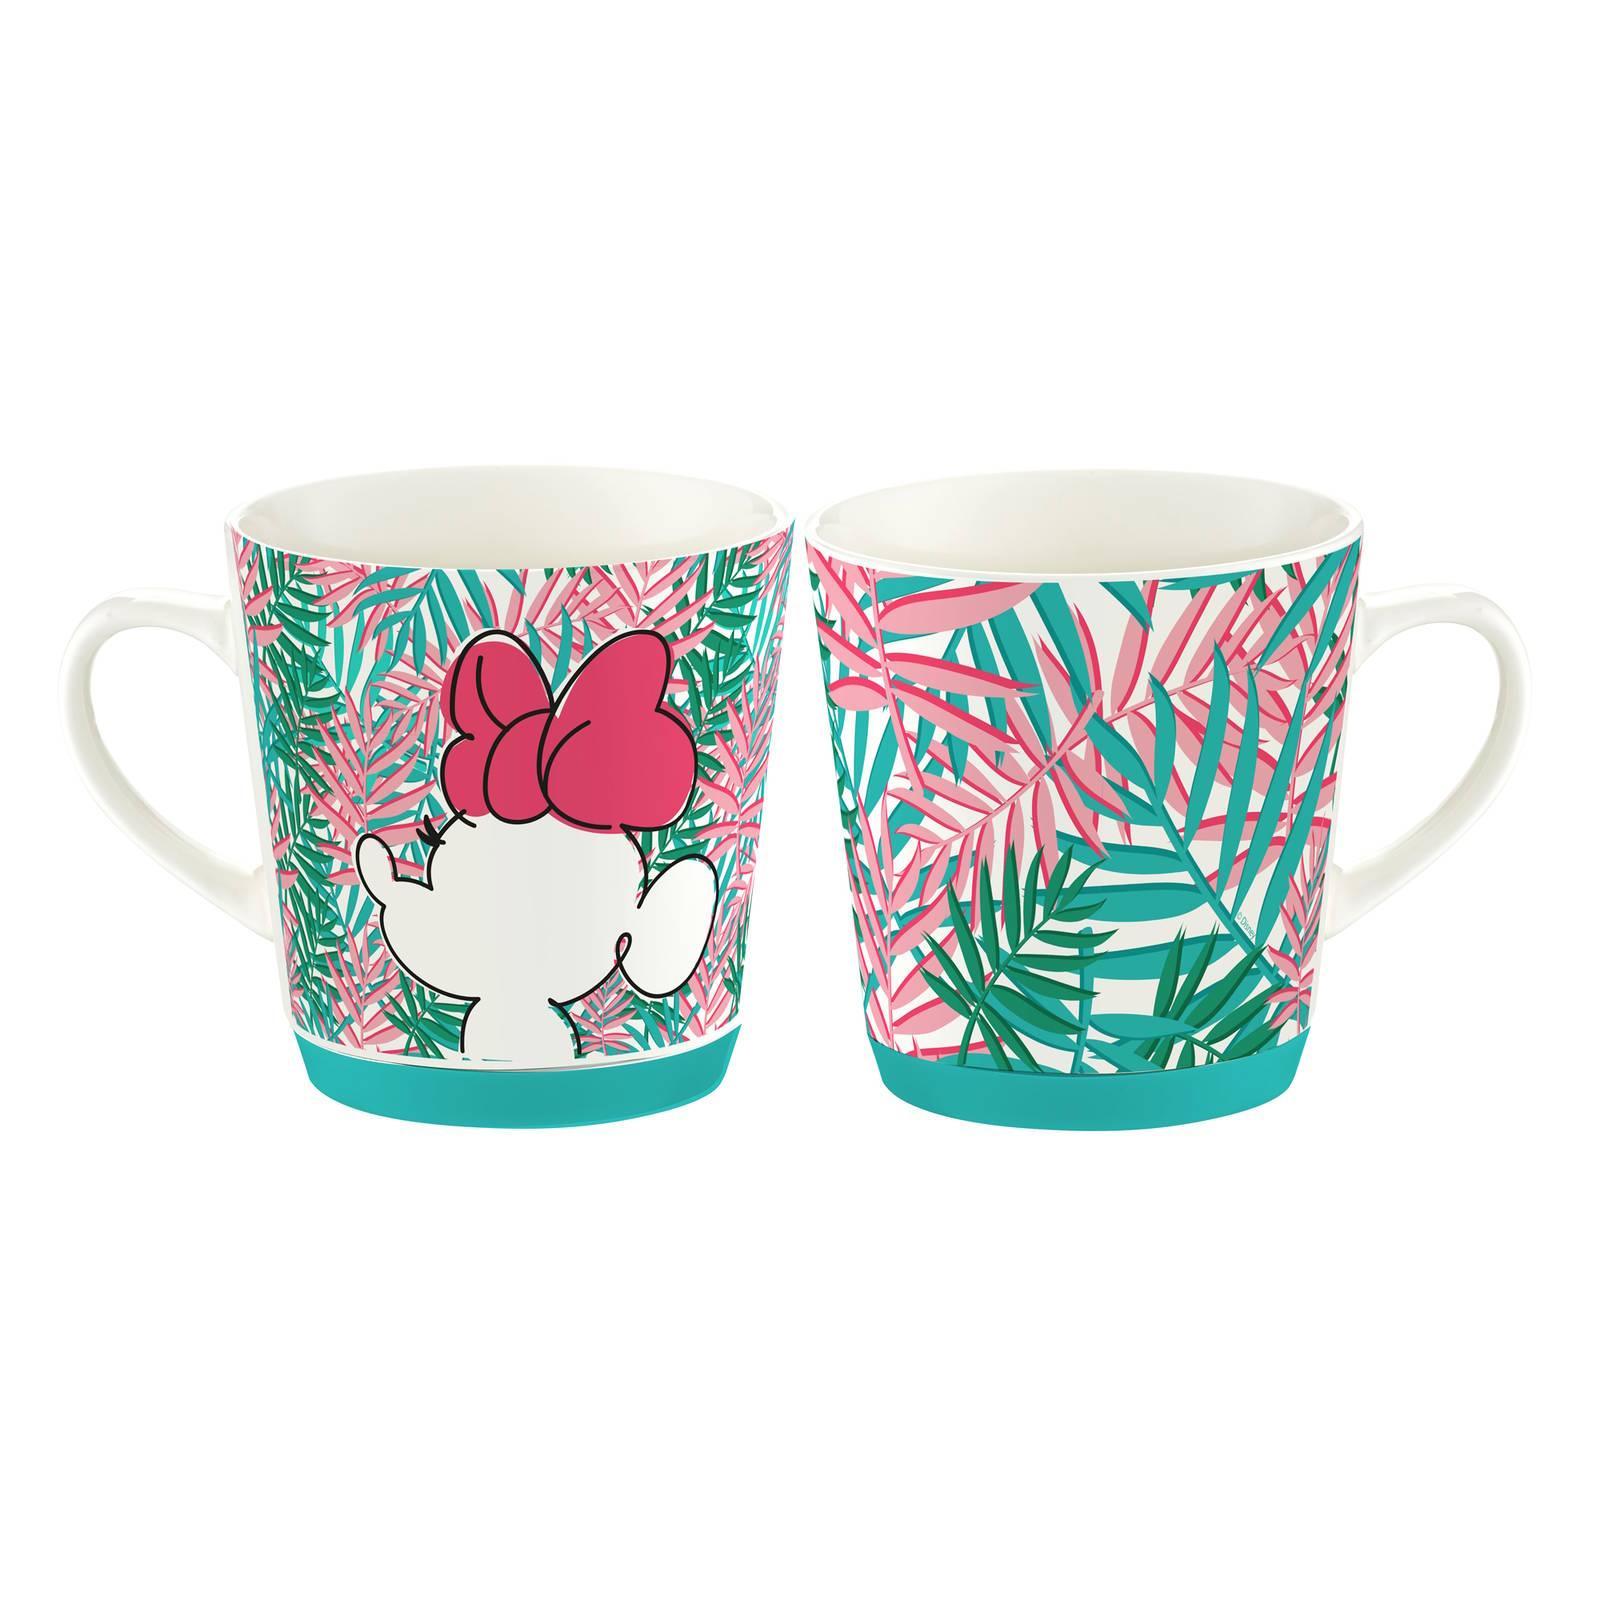 Porzellan Becher  Minnie Tropical 320 ml Palmblatt DISNEY / AMBITION